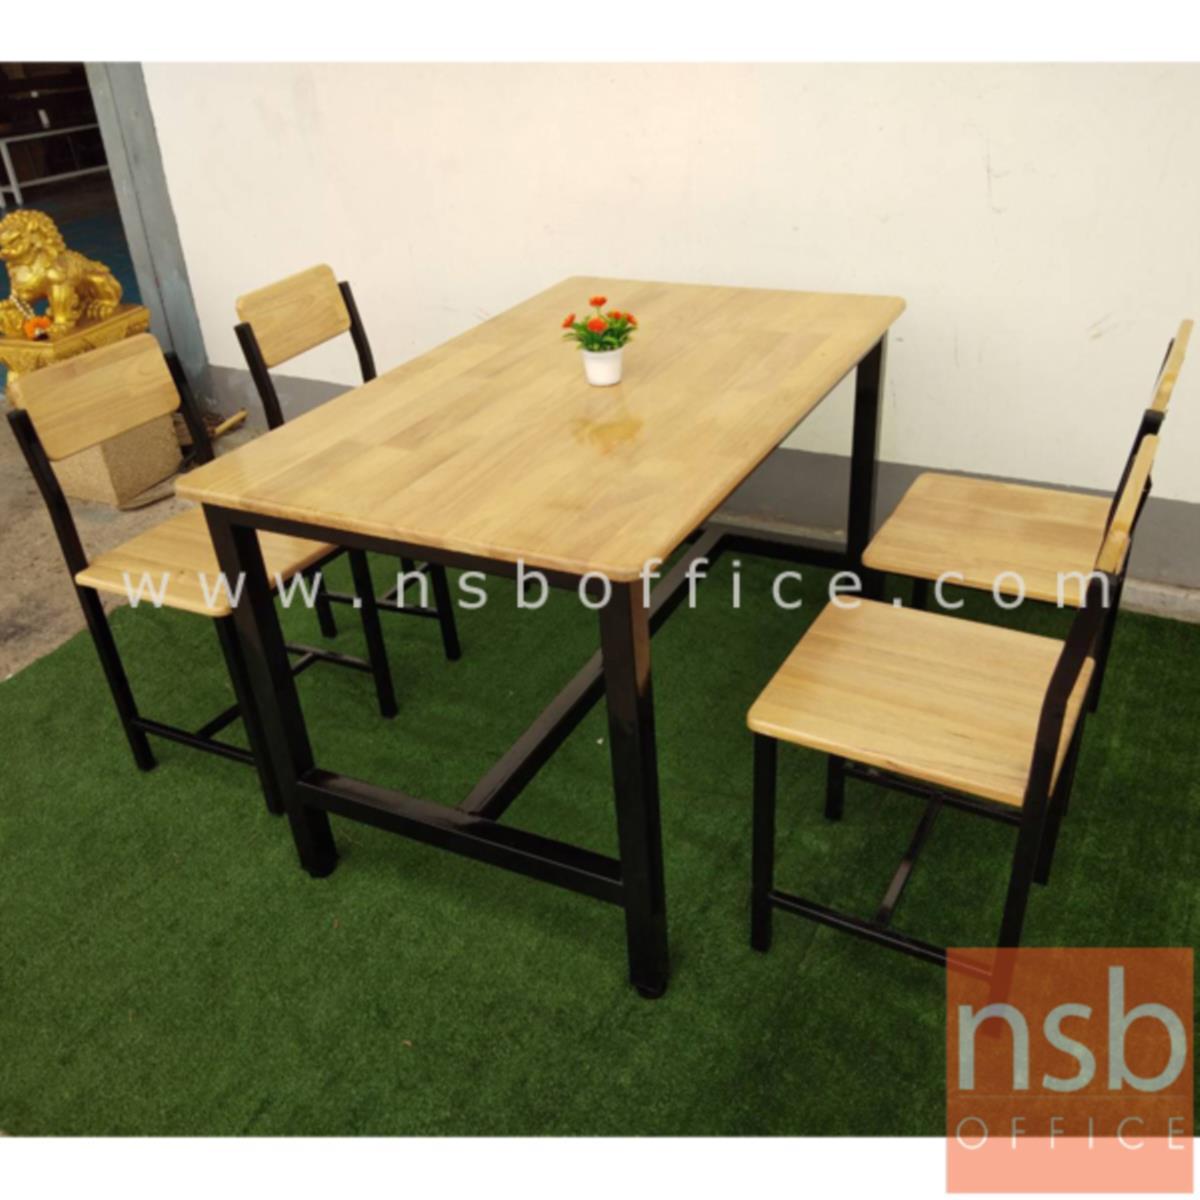 G14A154:ชุดโต๊ะรับประทานอาหารหน้าไม้ยางพารา 4 ที่นั่ง รุ่น MPT-125 ขนาด 120W cm. พร้อมเก้าอี้